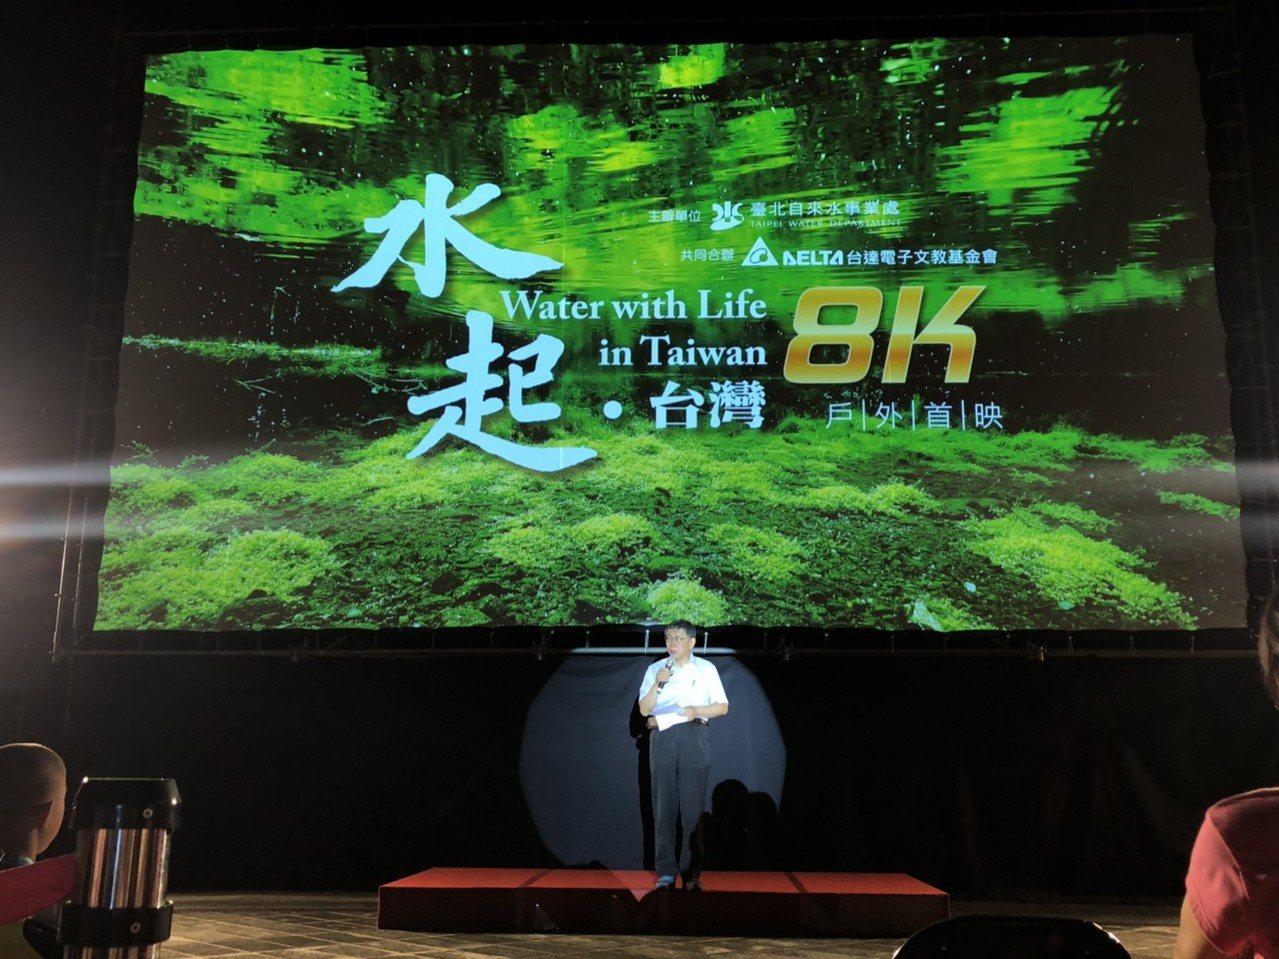 「水起.台灣」8K紀錄片戶外首映,全片以四季作為觀察點,從勘景到拍攝完成共耗時1...